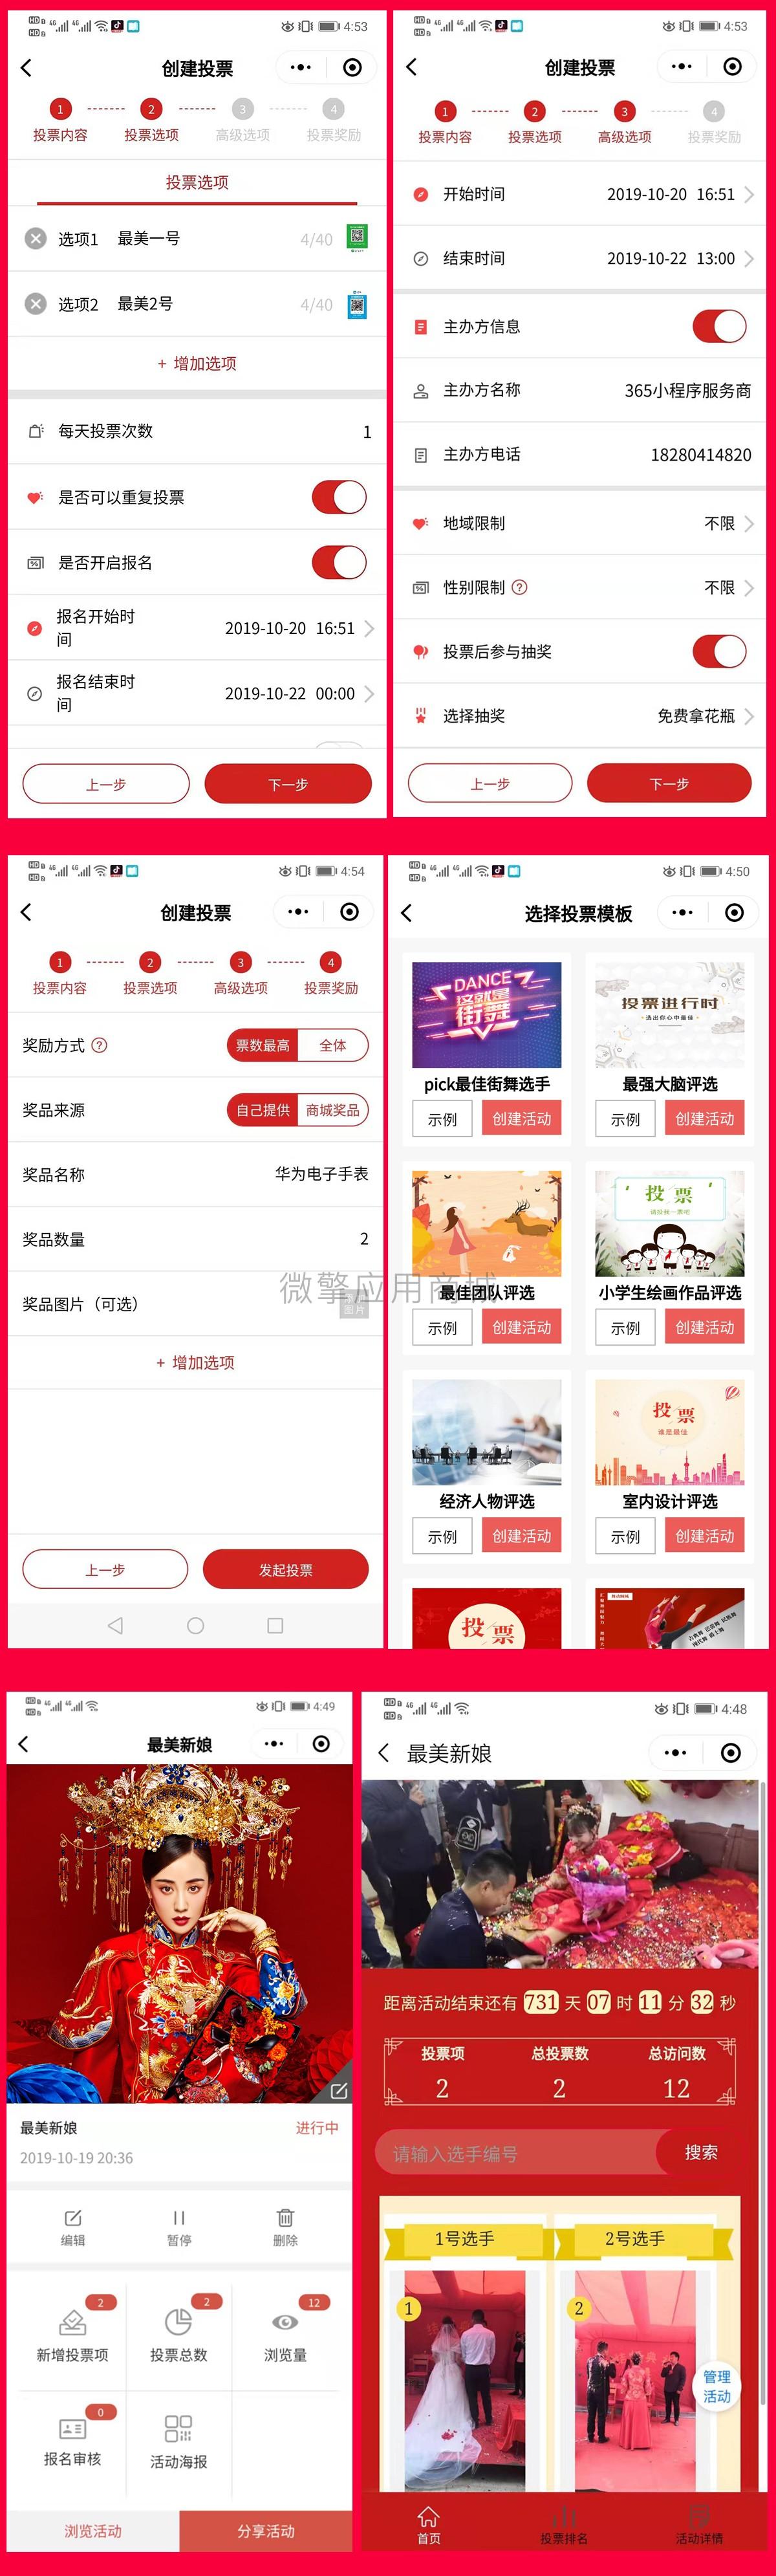 微信小程序:365投票抽奖助手多开版本4.5.31 投票详情页面的奖品优化